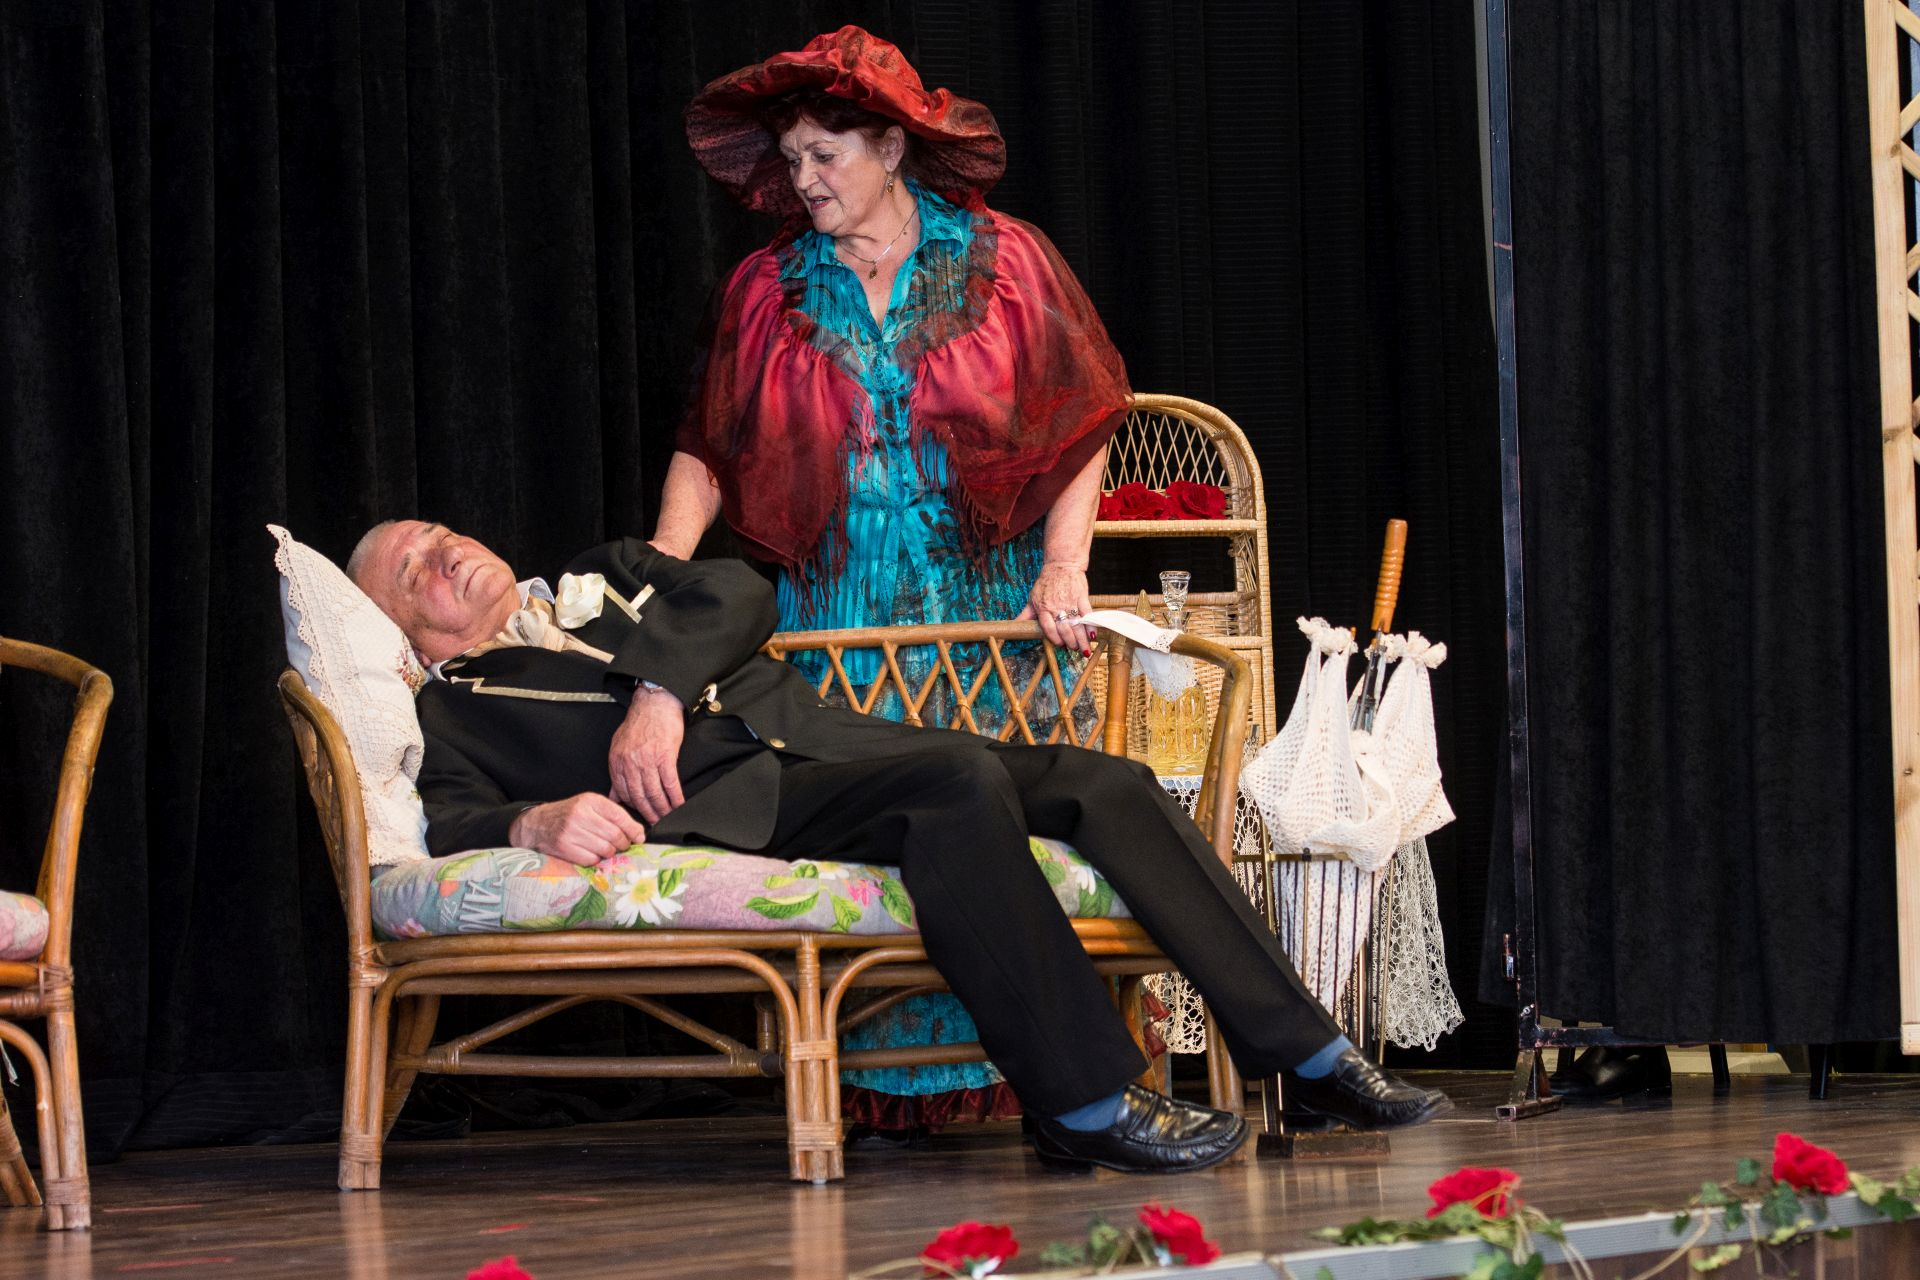 """Teatr """"Oficjalnie bez nazwy"""" podczas występu w Bibliotece Kultury w Iłowej. Na scenie starsza kobieta w czerwonym kapeluszu i pelerynce stoi przy ławeczce na której leży omdlały starszy pan w garniturze"""